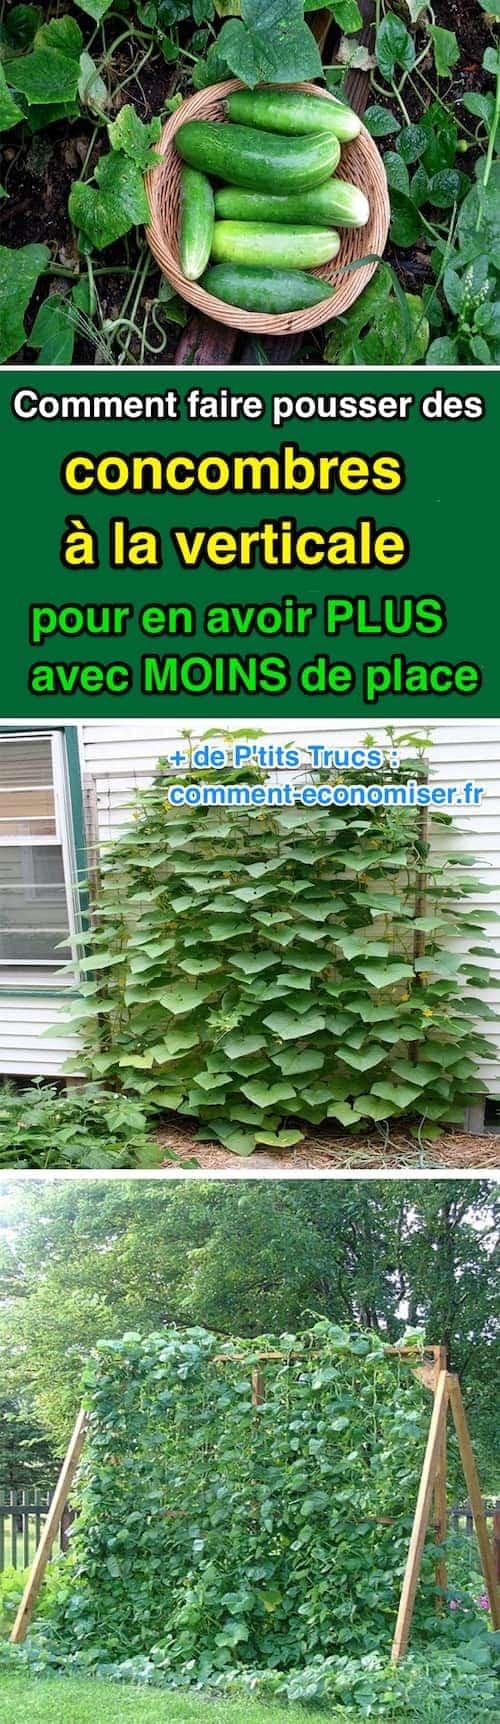 faire pousser les concombres verticalement